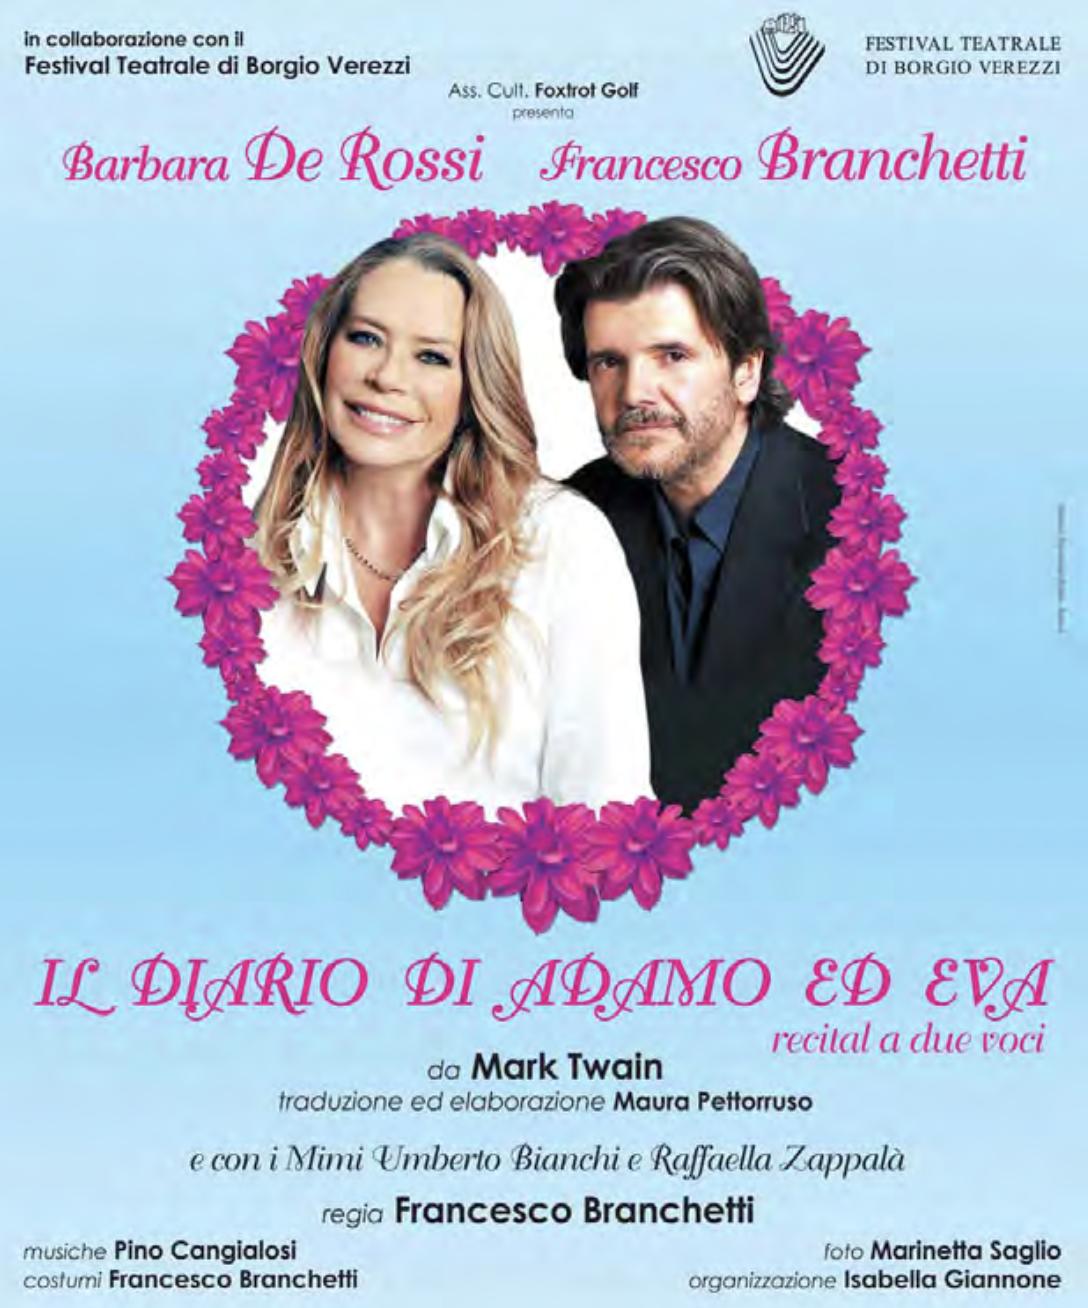 GIOVEDÌ 30 LUGLIO: BARBARA DE ROSSI, FRANCESCO BRANCHETTI – IL DIARIO DI ADAMO ED EVA